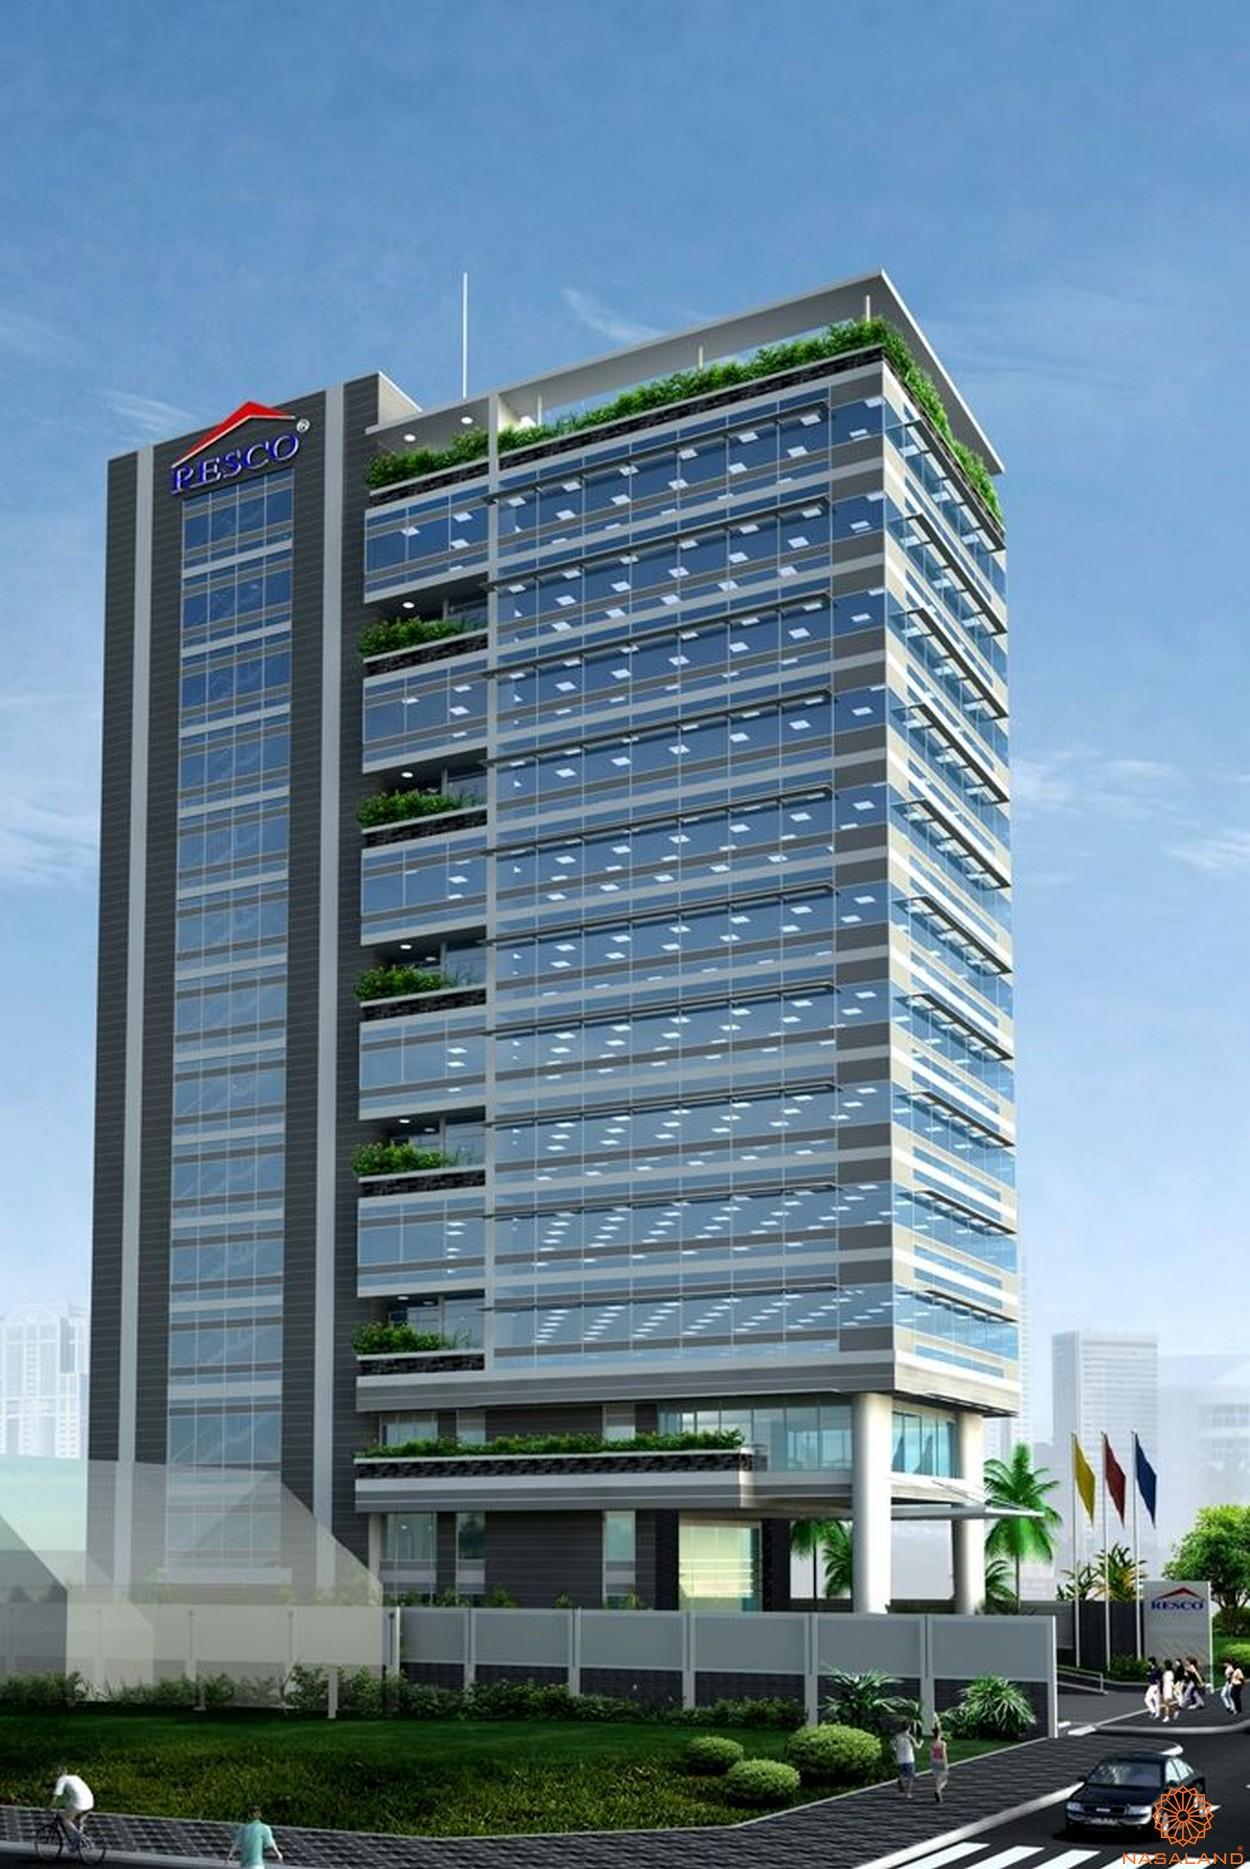 Chủ đầu tư Resco - Dự án cao ốc Resco 123 Nguyễn Đình Chiểu